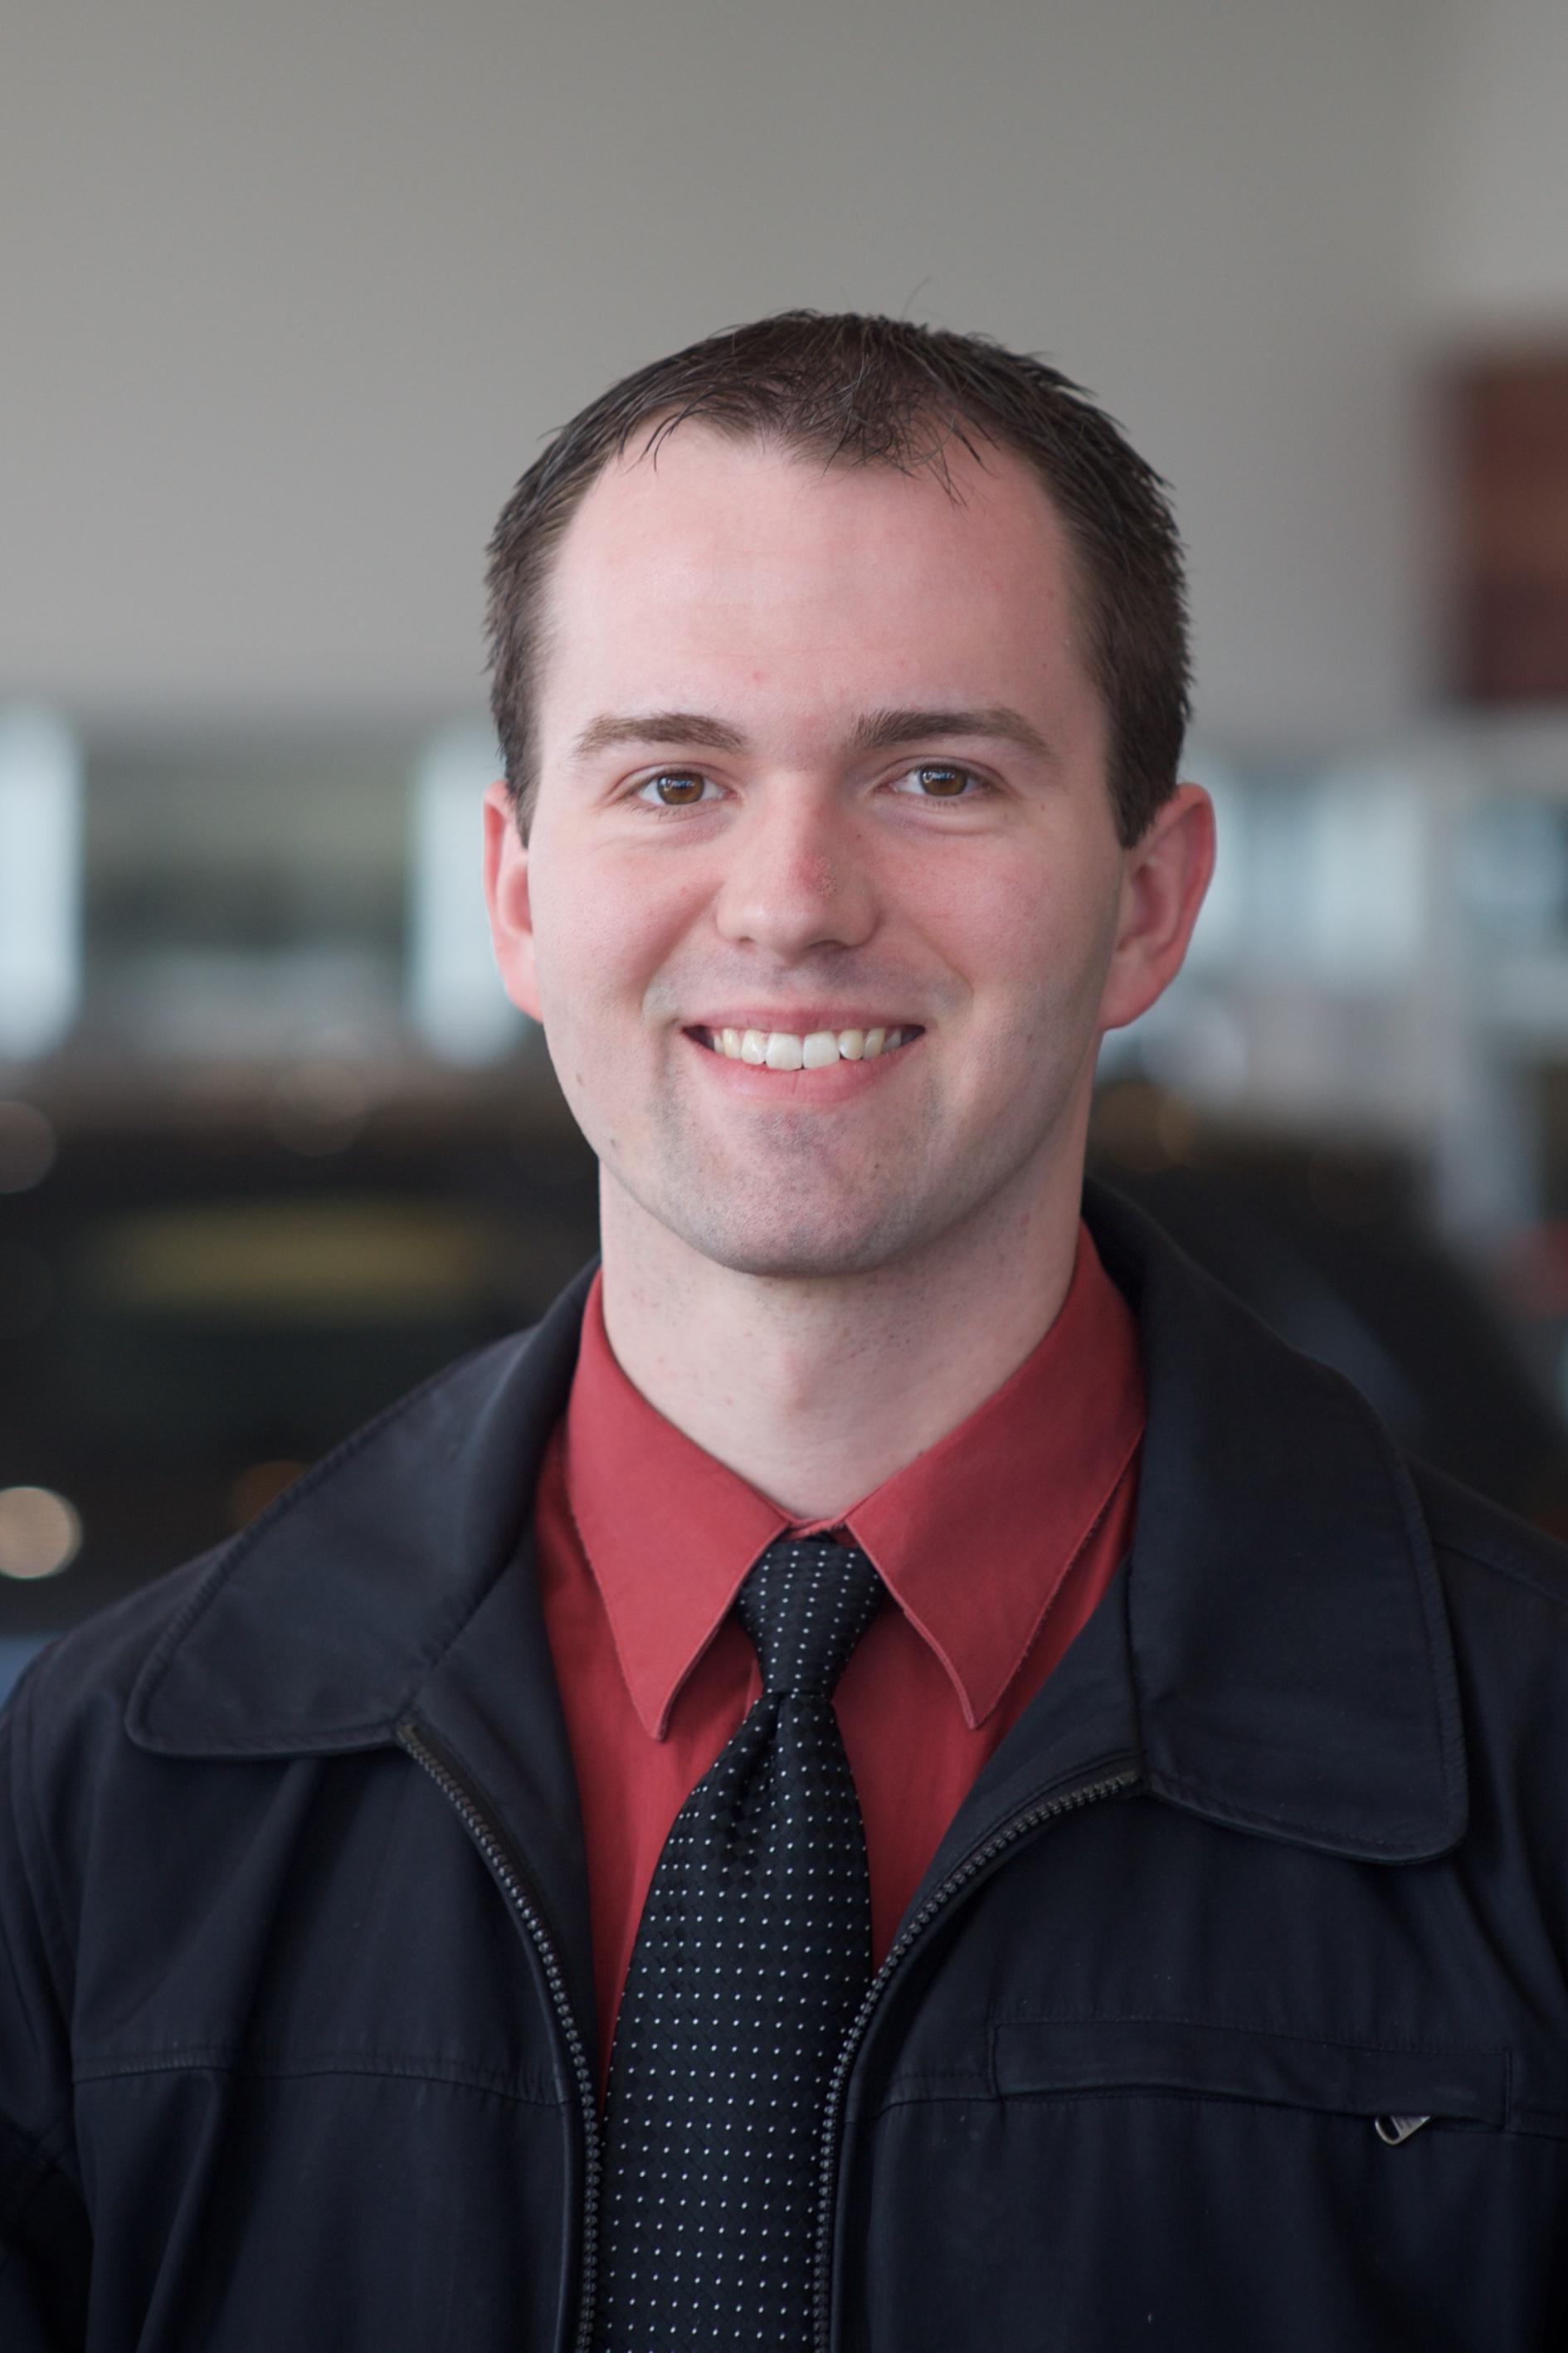 Andrew Hetrick